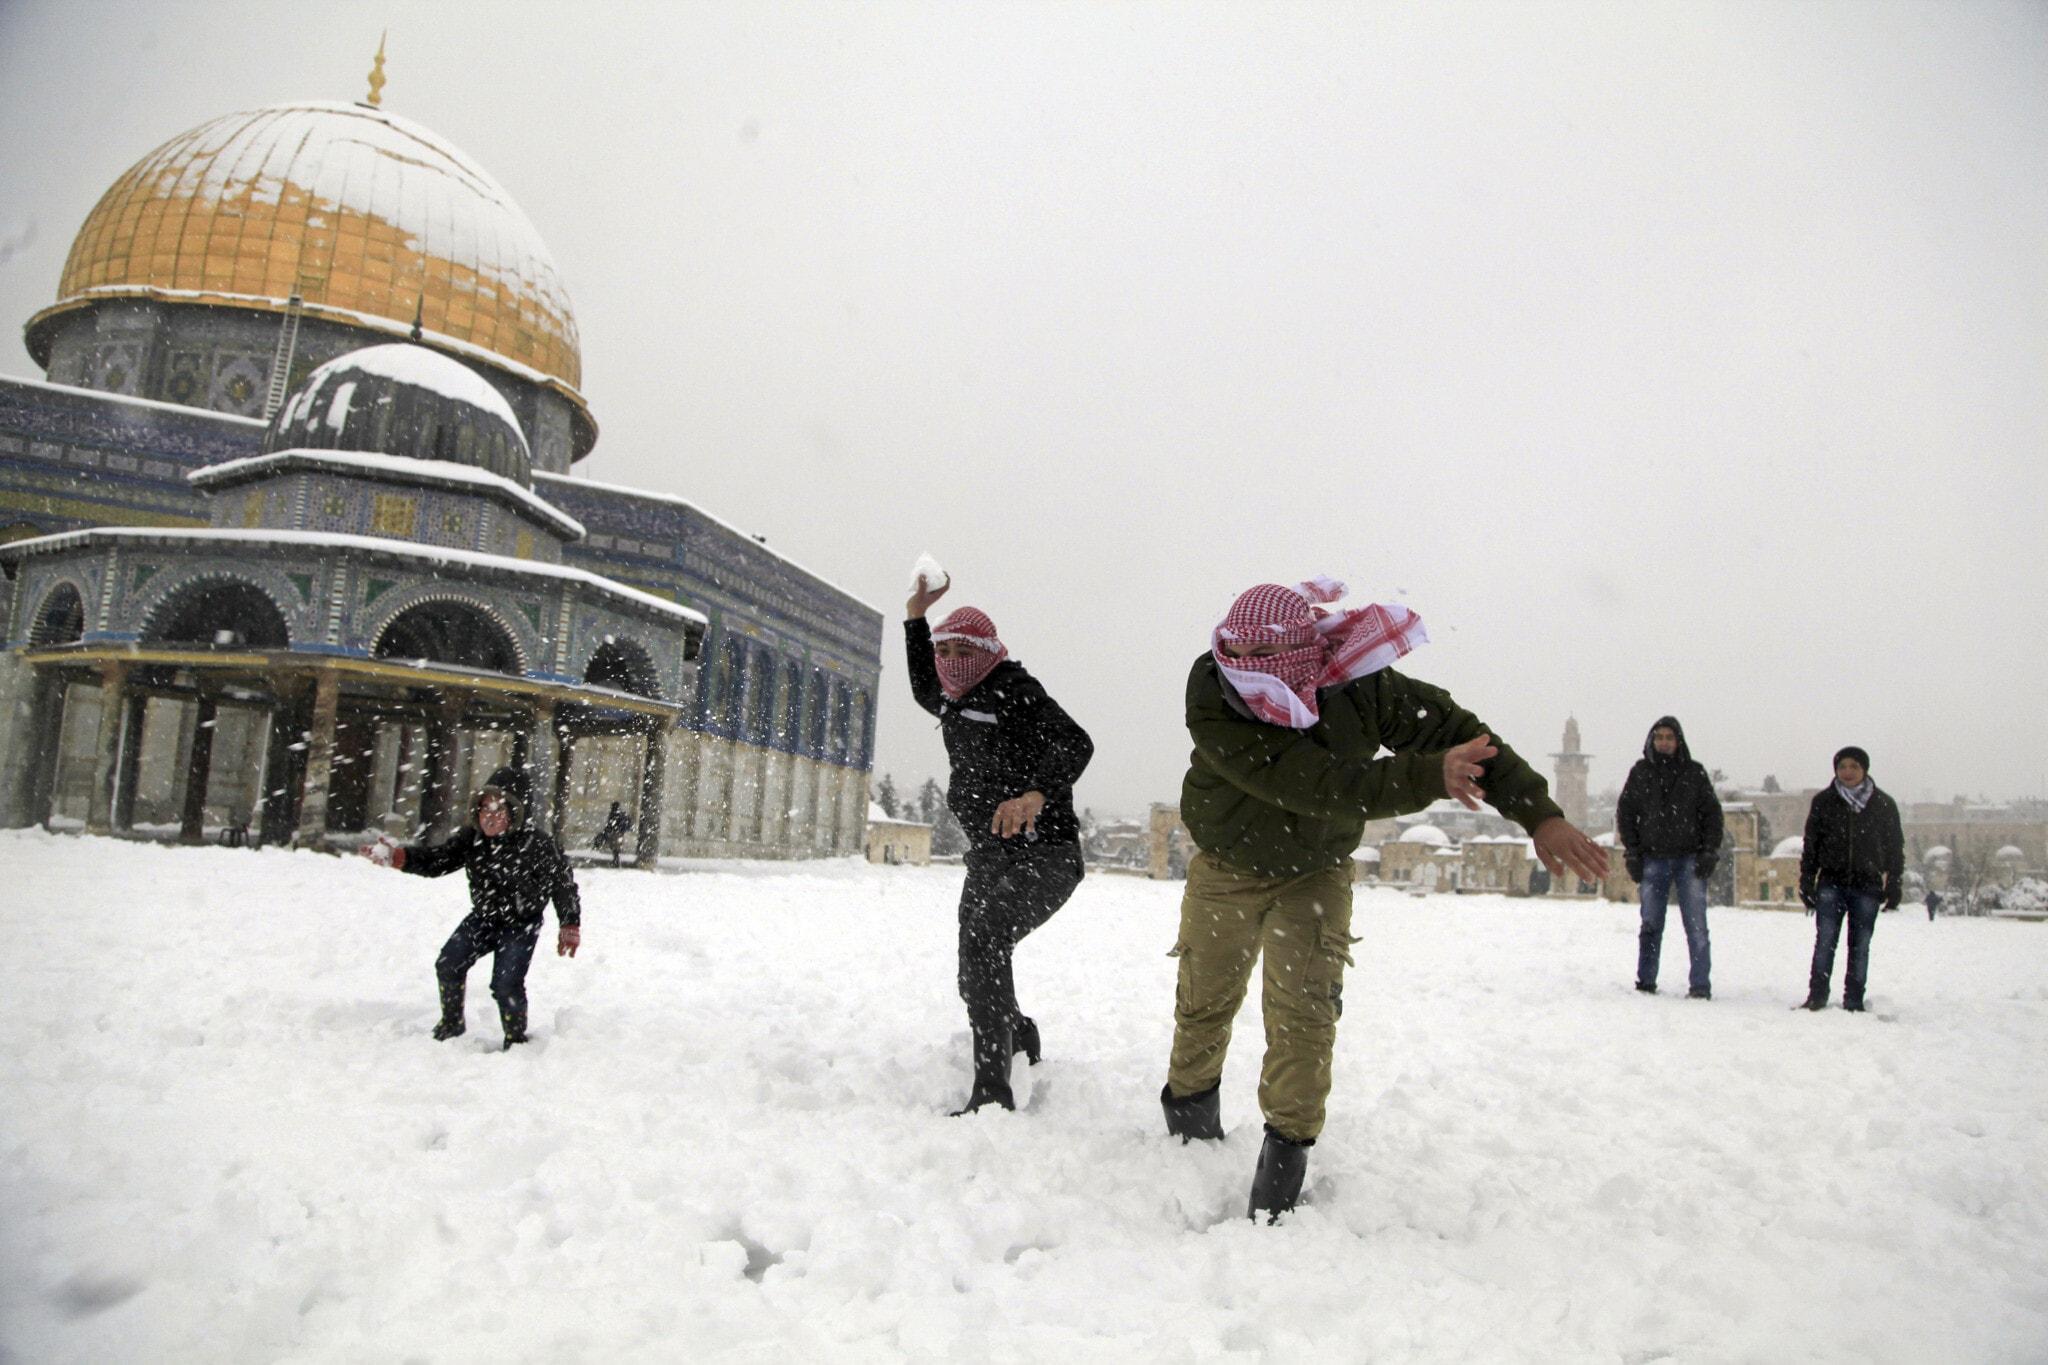 גם זה קרה פה: שלג בירושלים, פברואר 2015 (צילום: AP Photo/Mahmoud Illean, File)